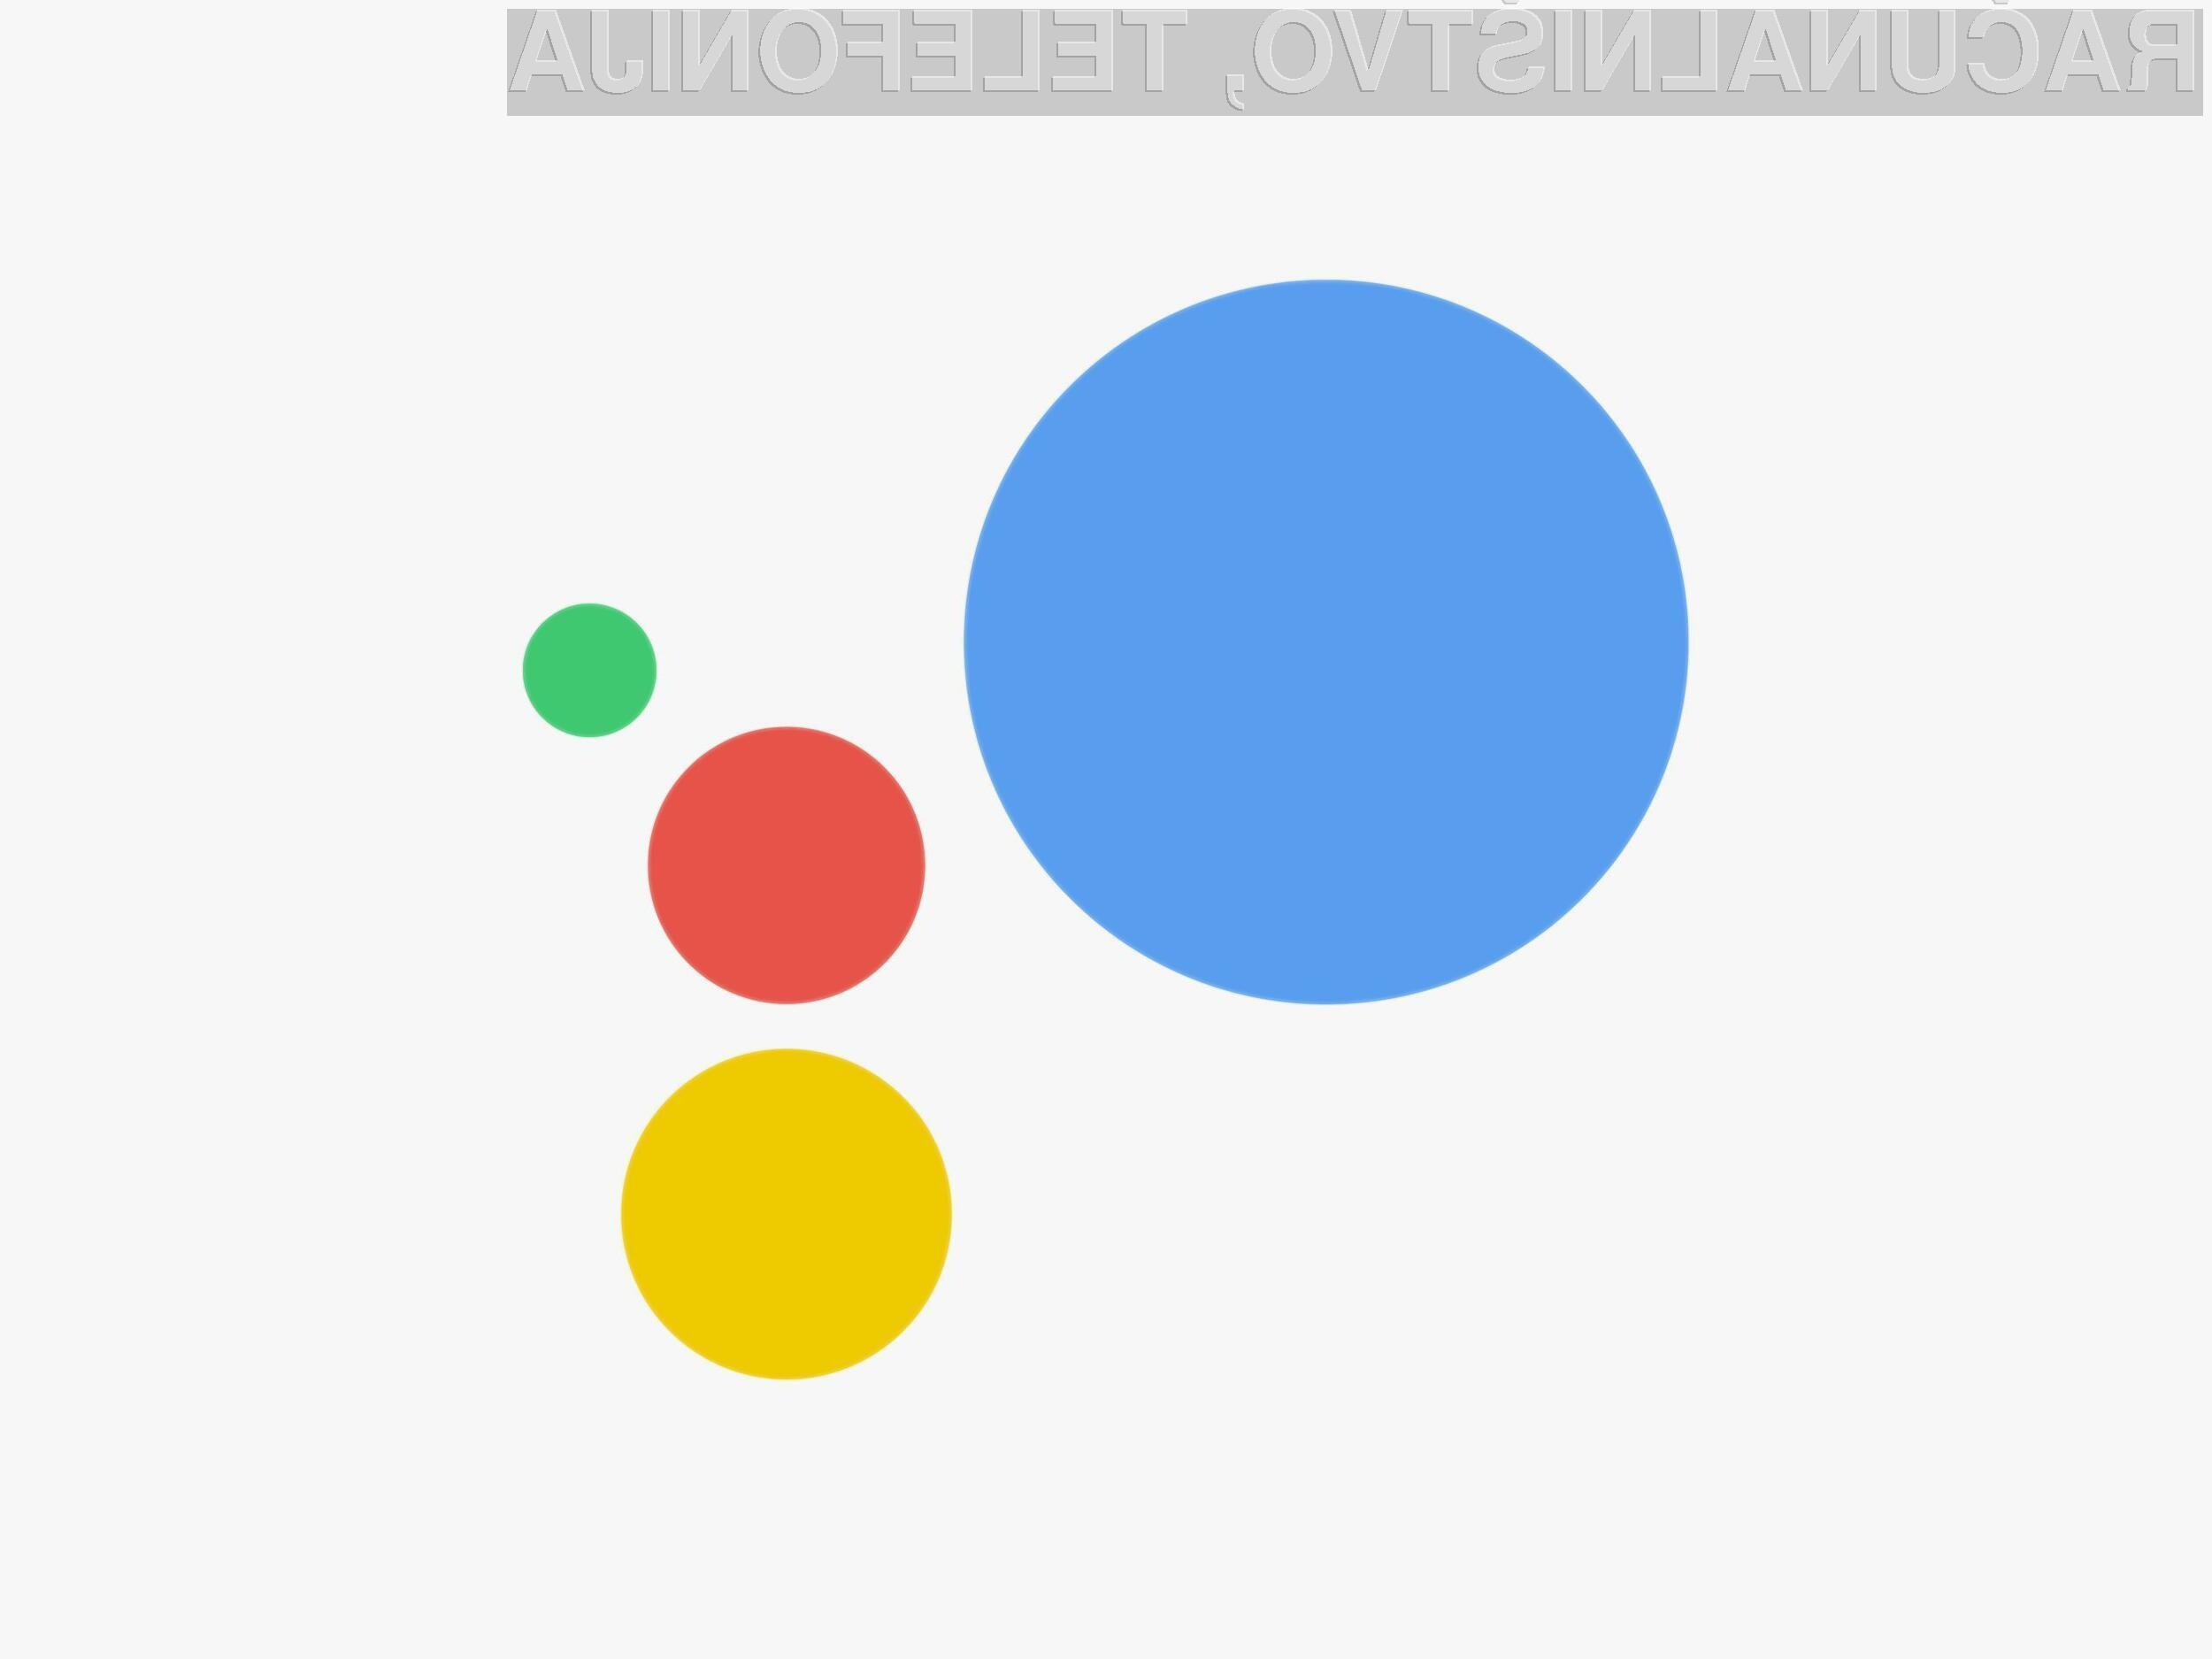 Digitalni asistent Google Assistant bo zagotovo izboljšal uporabniško izkušnjo Applovih mobilnih naprav!